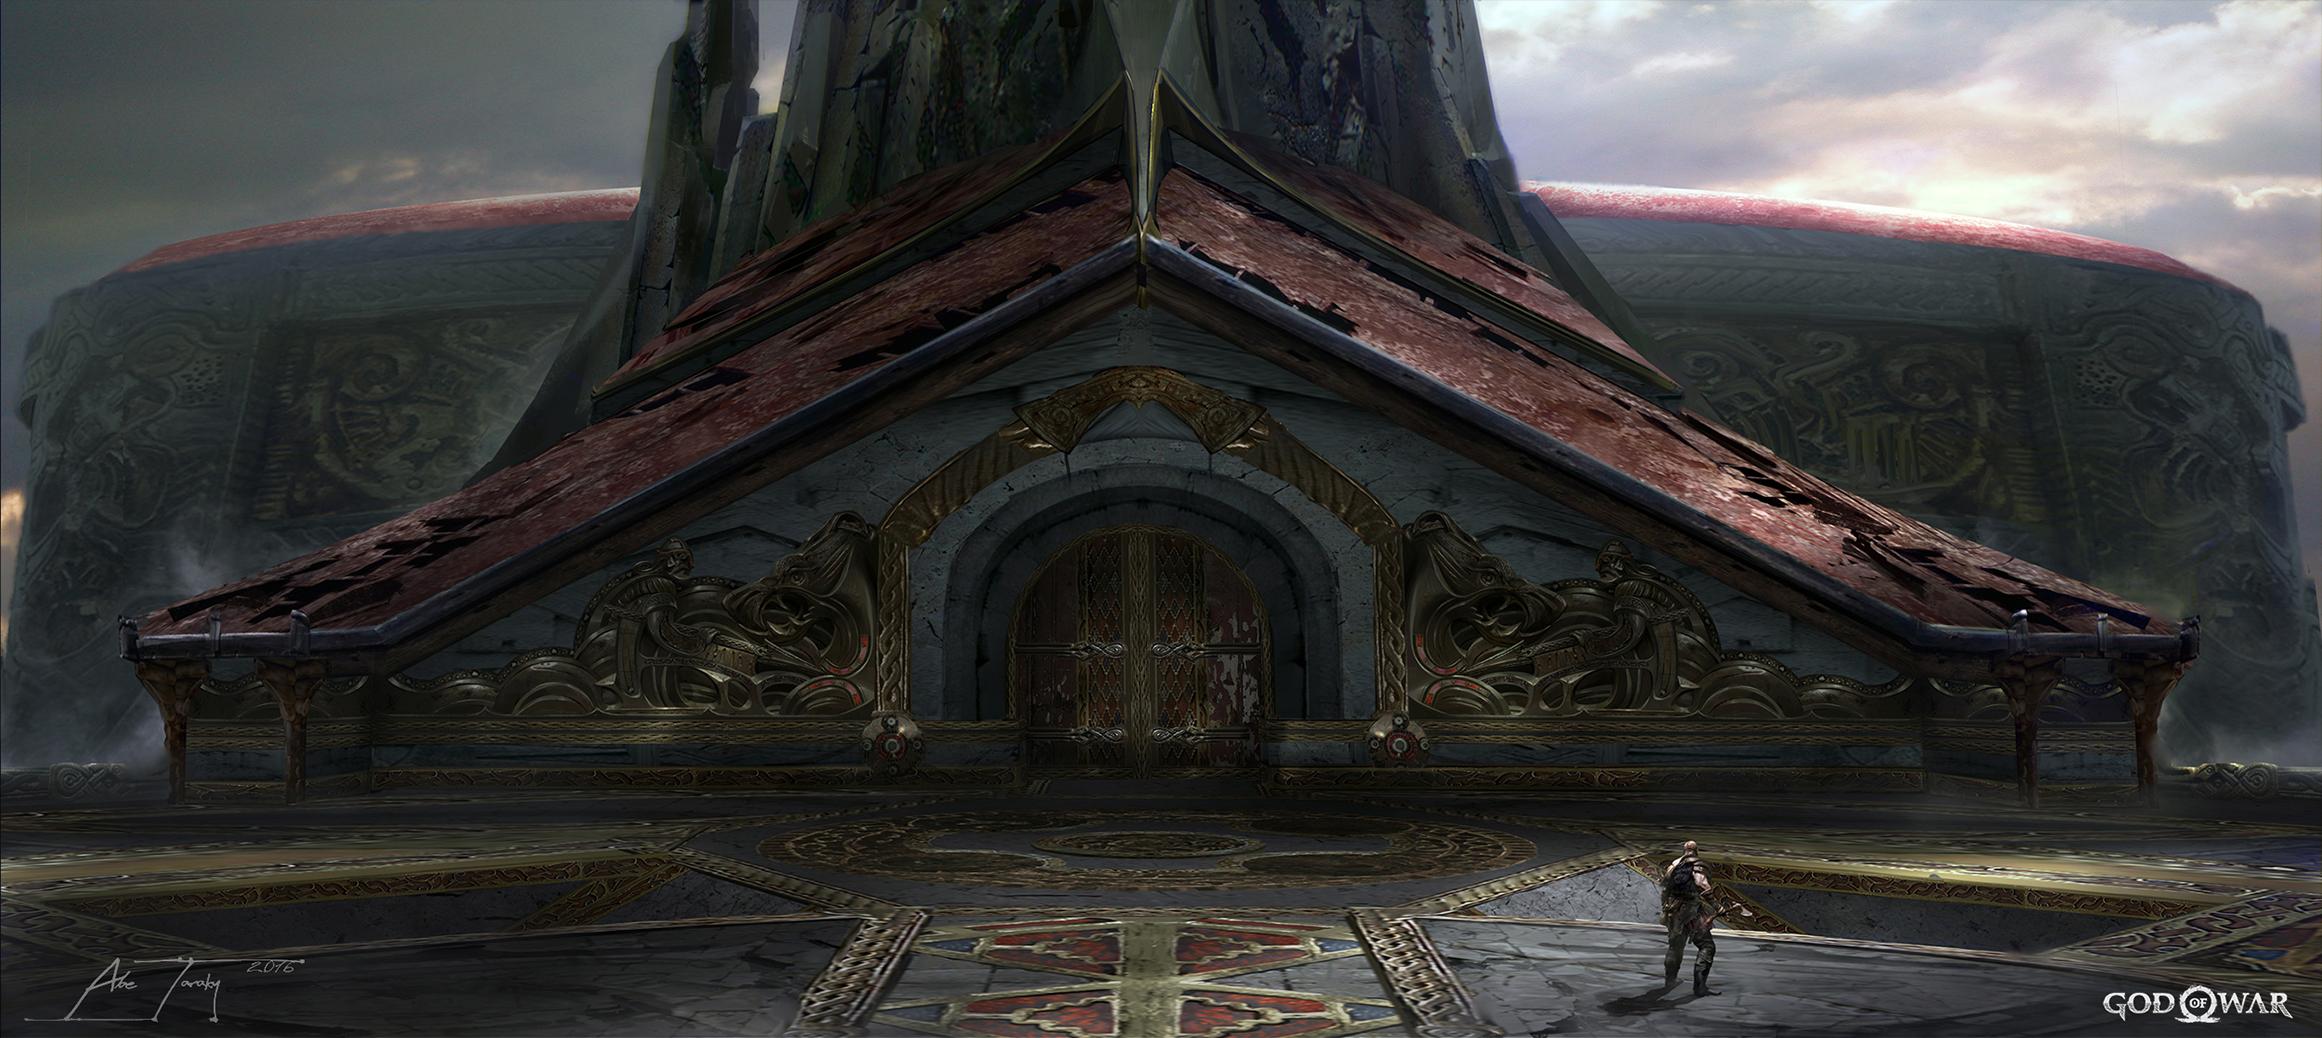 Tyr_Temple_Entrance_Abe_Taraky_01b.jpg